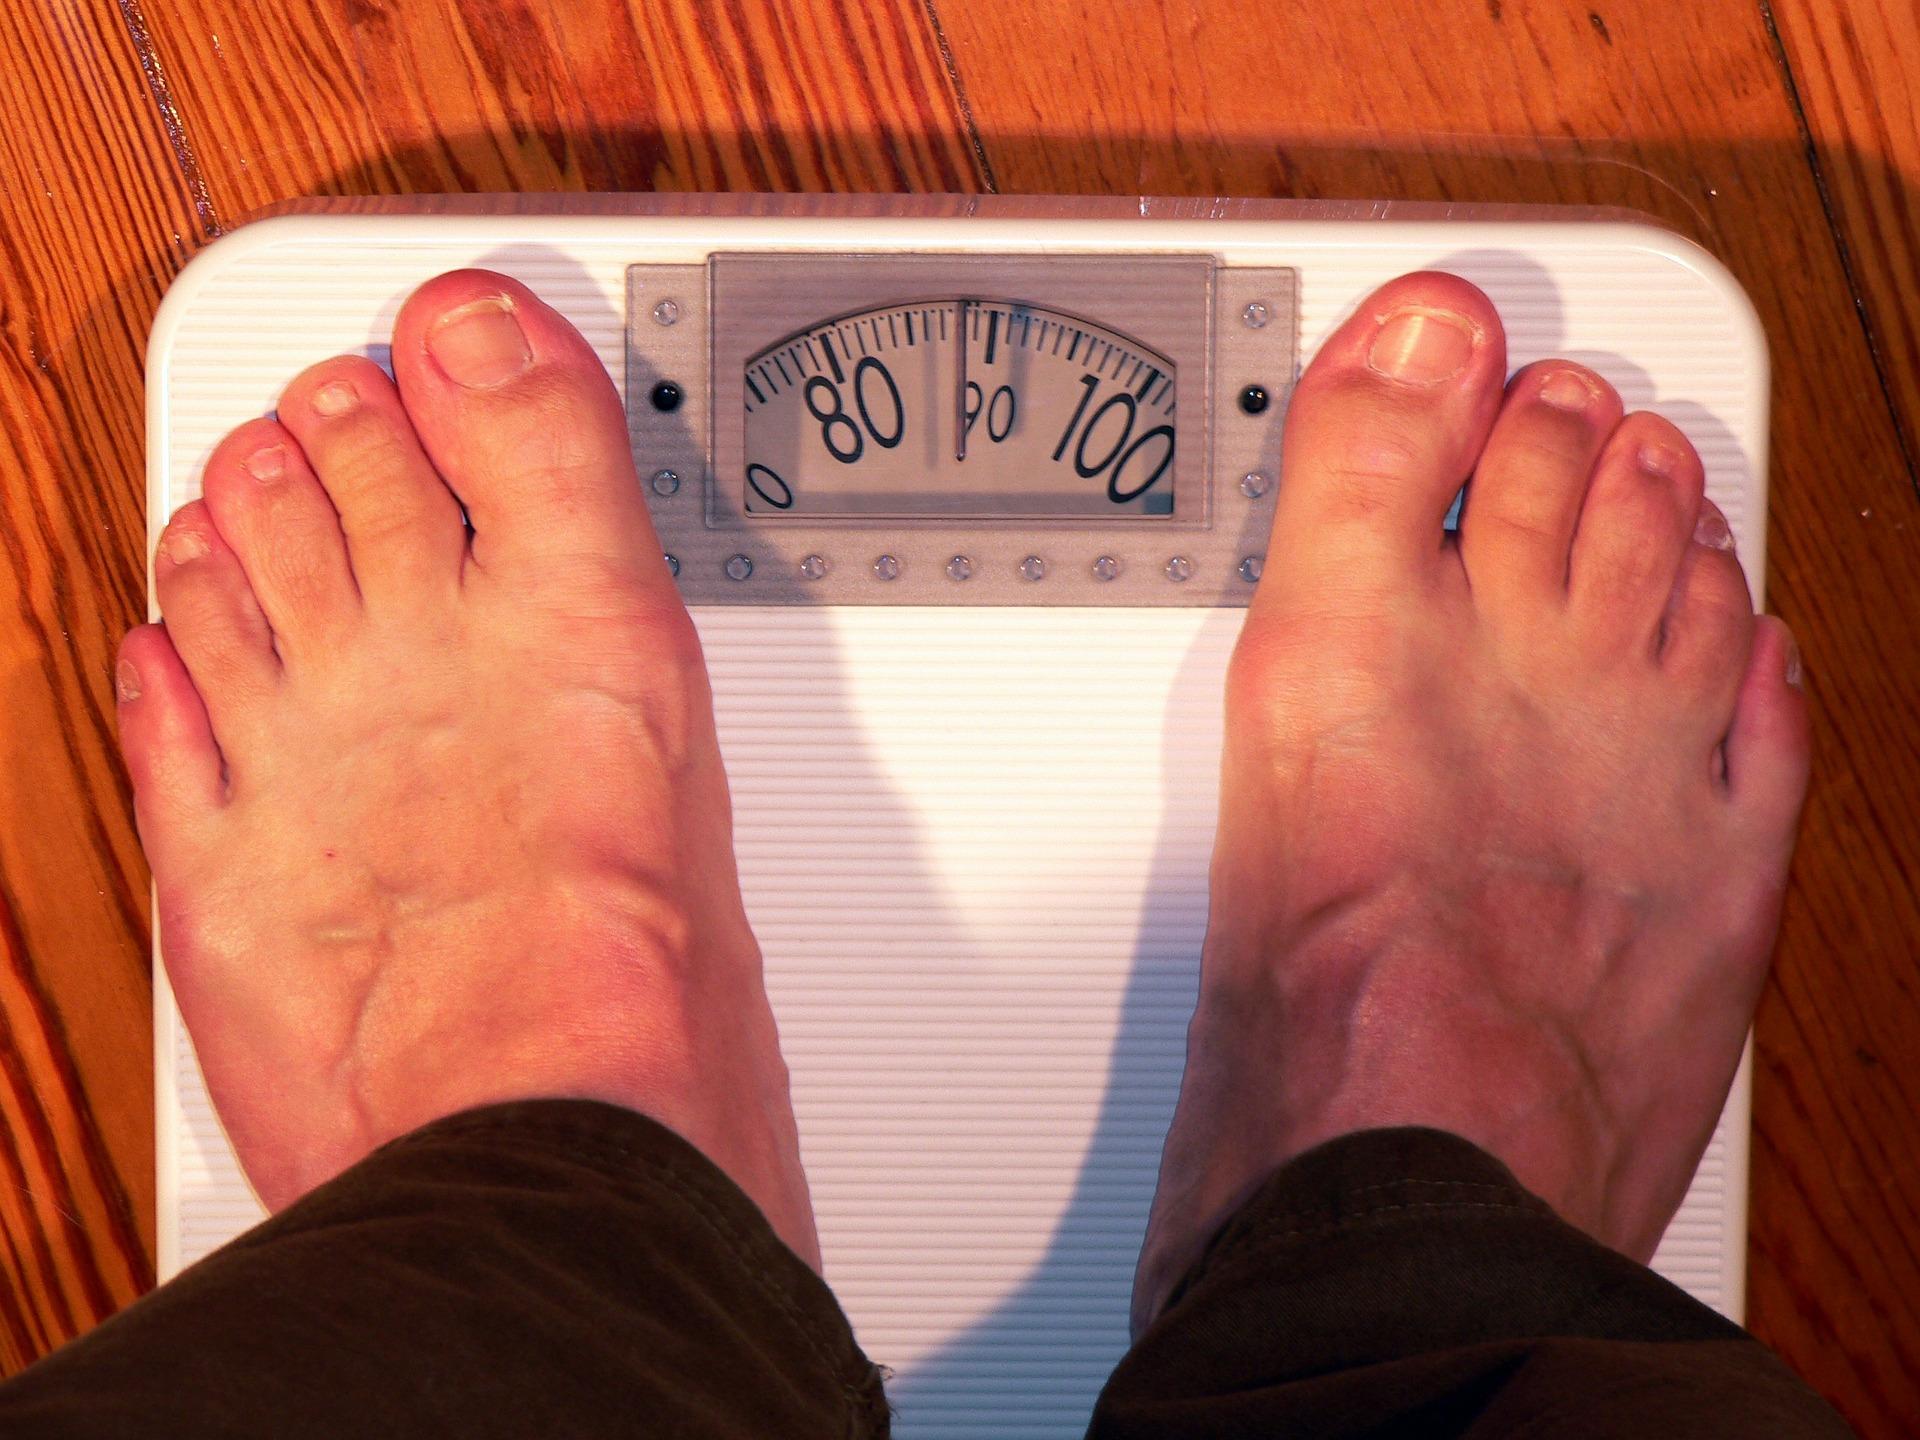 Conservantes de los alimentos pueden alterar las hormonas y favorecer la aparición de obesidad